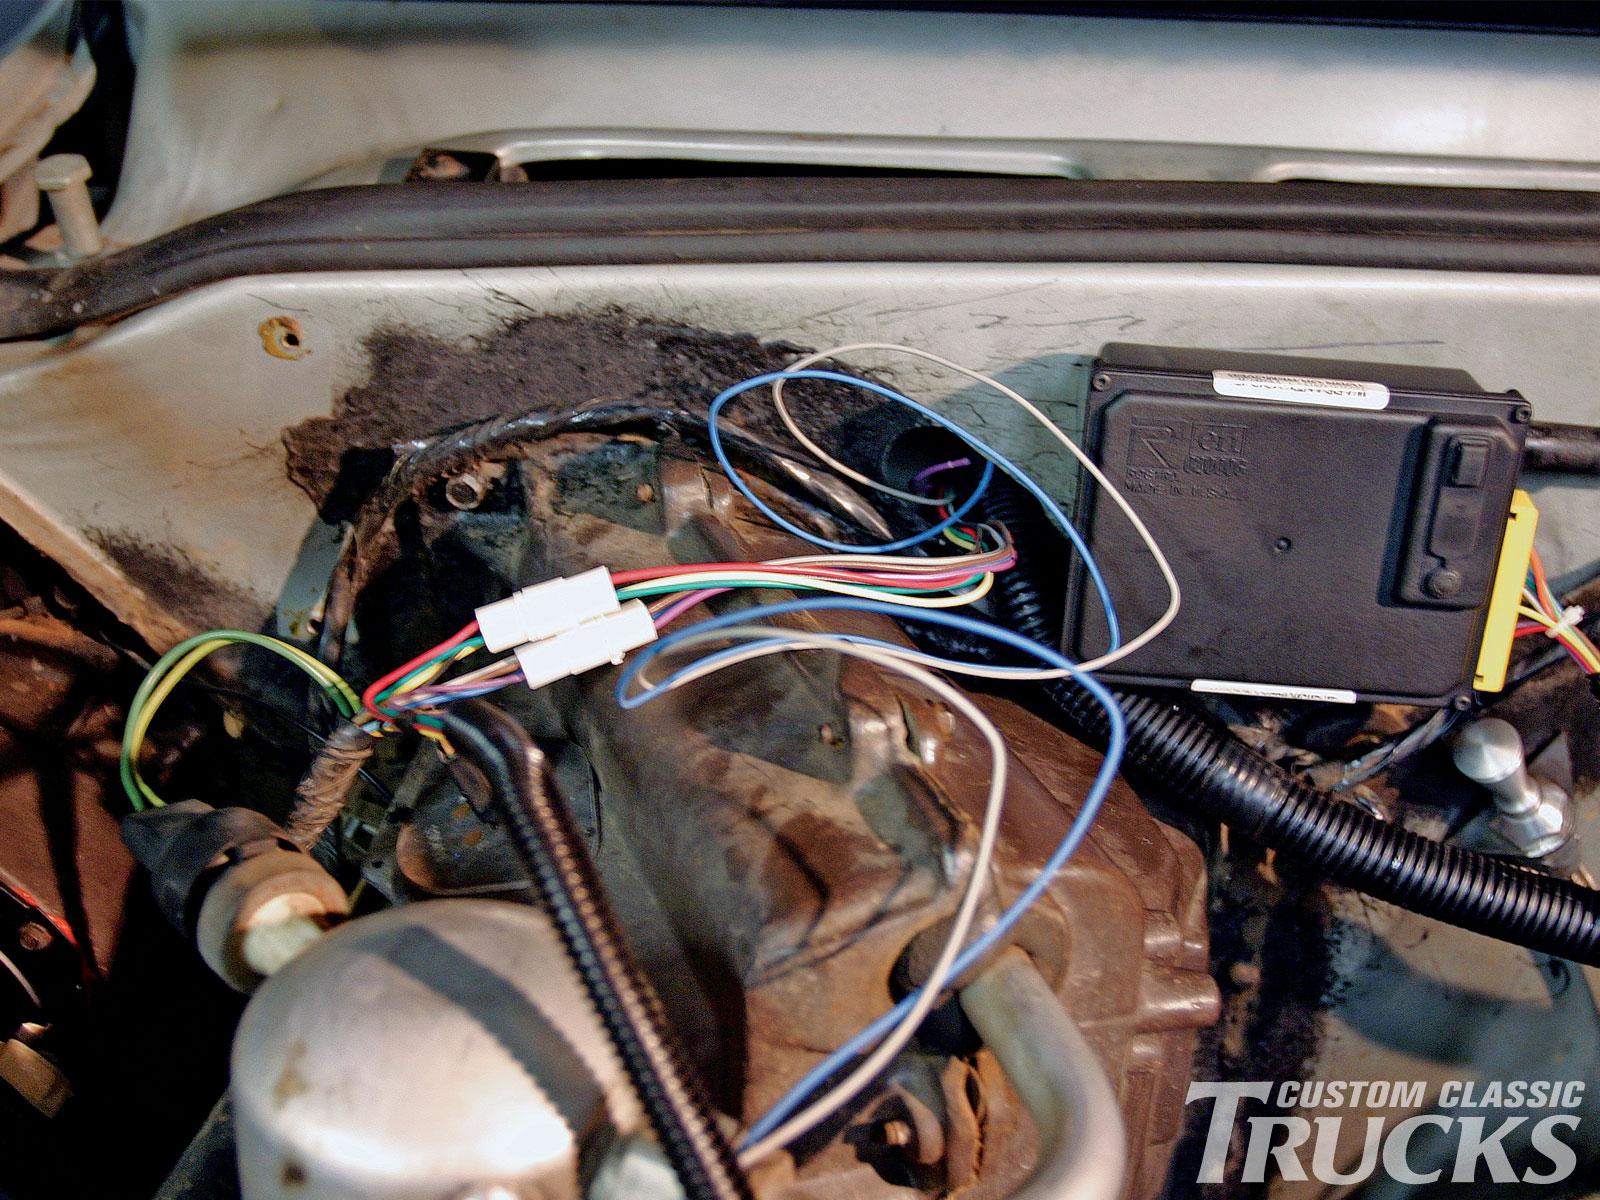 87 Chevy R10 Wiring Diagram 1973 1987 Chevy C10 Dakota Digital Cruise Control Install